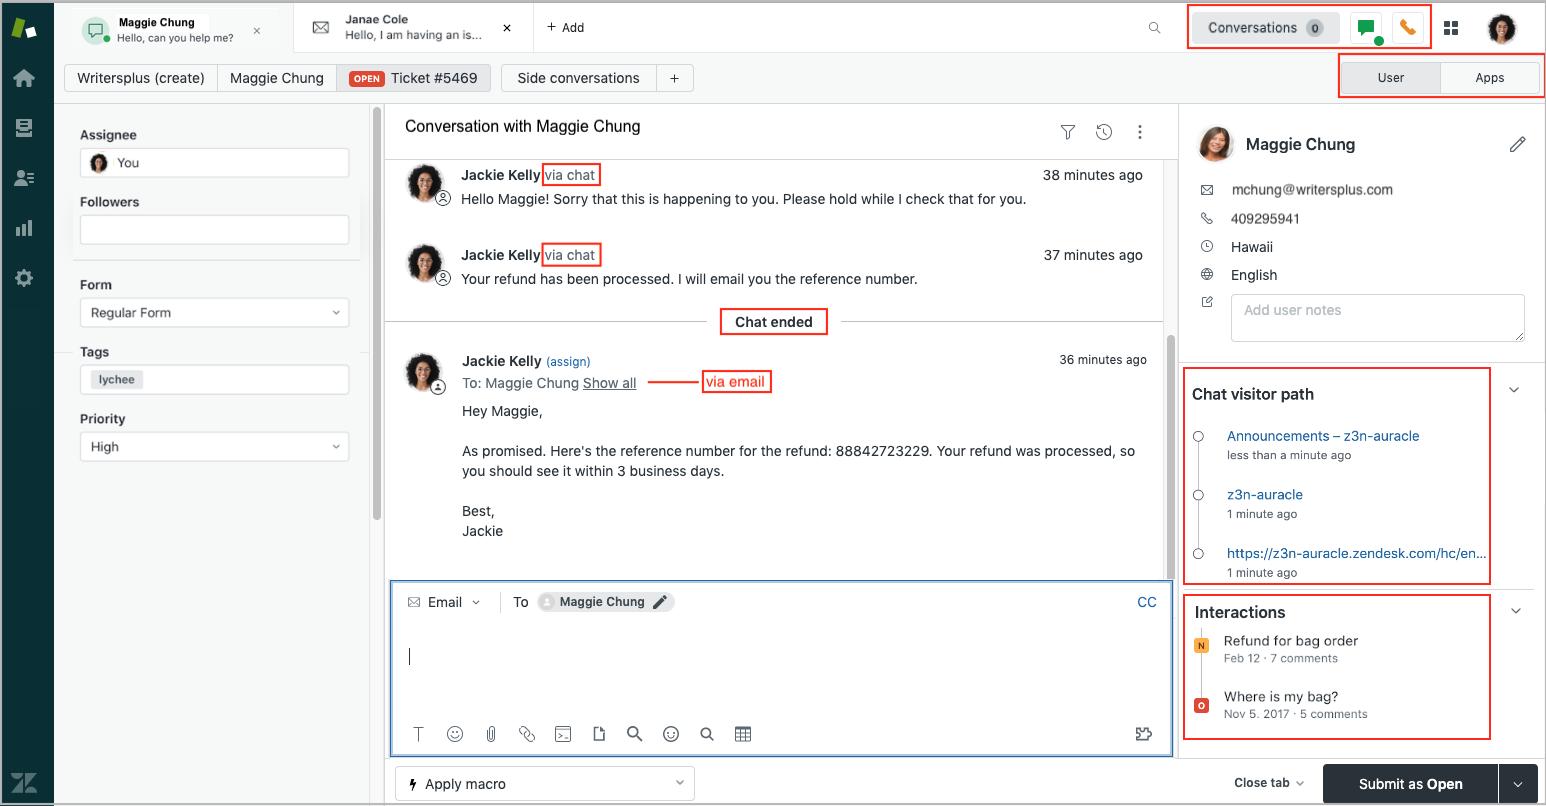 Integración entre Zendesk Chat y Support a través del Espacio de Trabajo del Agente [Integración entre Chat y Support. Espacio de Trabajo del Agente. Mensajería, Omnicanalidad, Ticketing. Zendesk CRM y Automatización de Servicio]